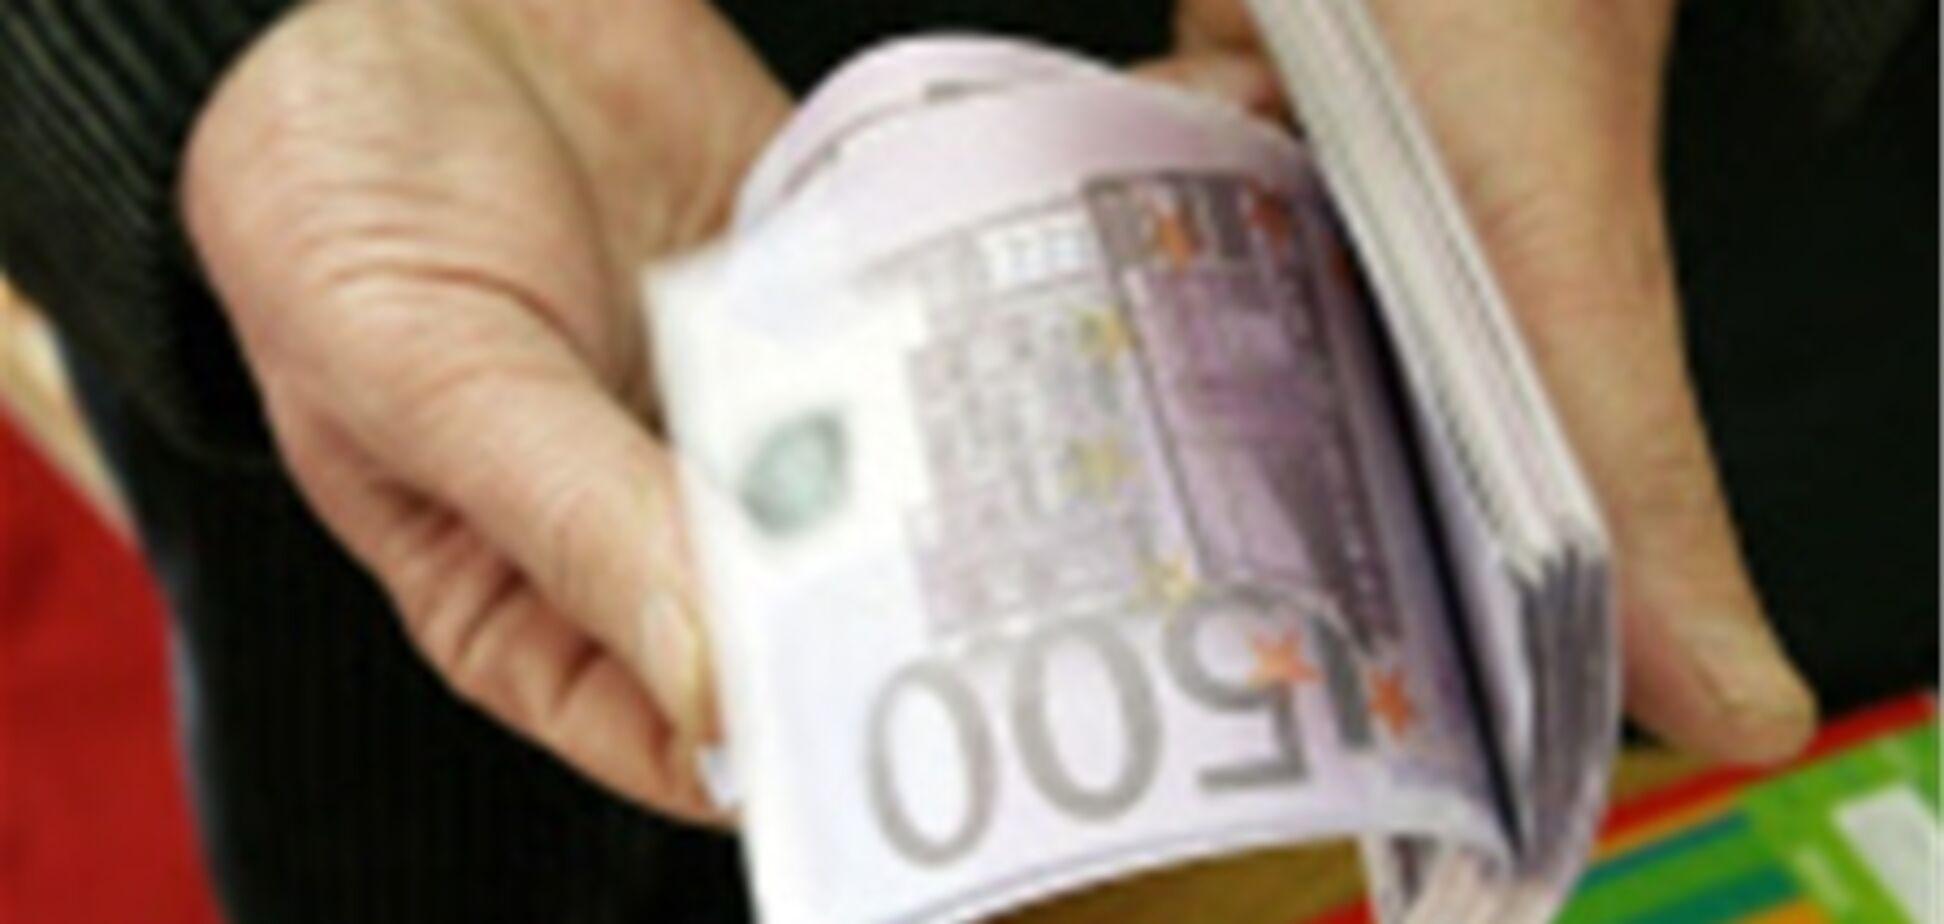 С пенсионерами, выигравшими 183 млн евро, произошло невероятное